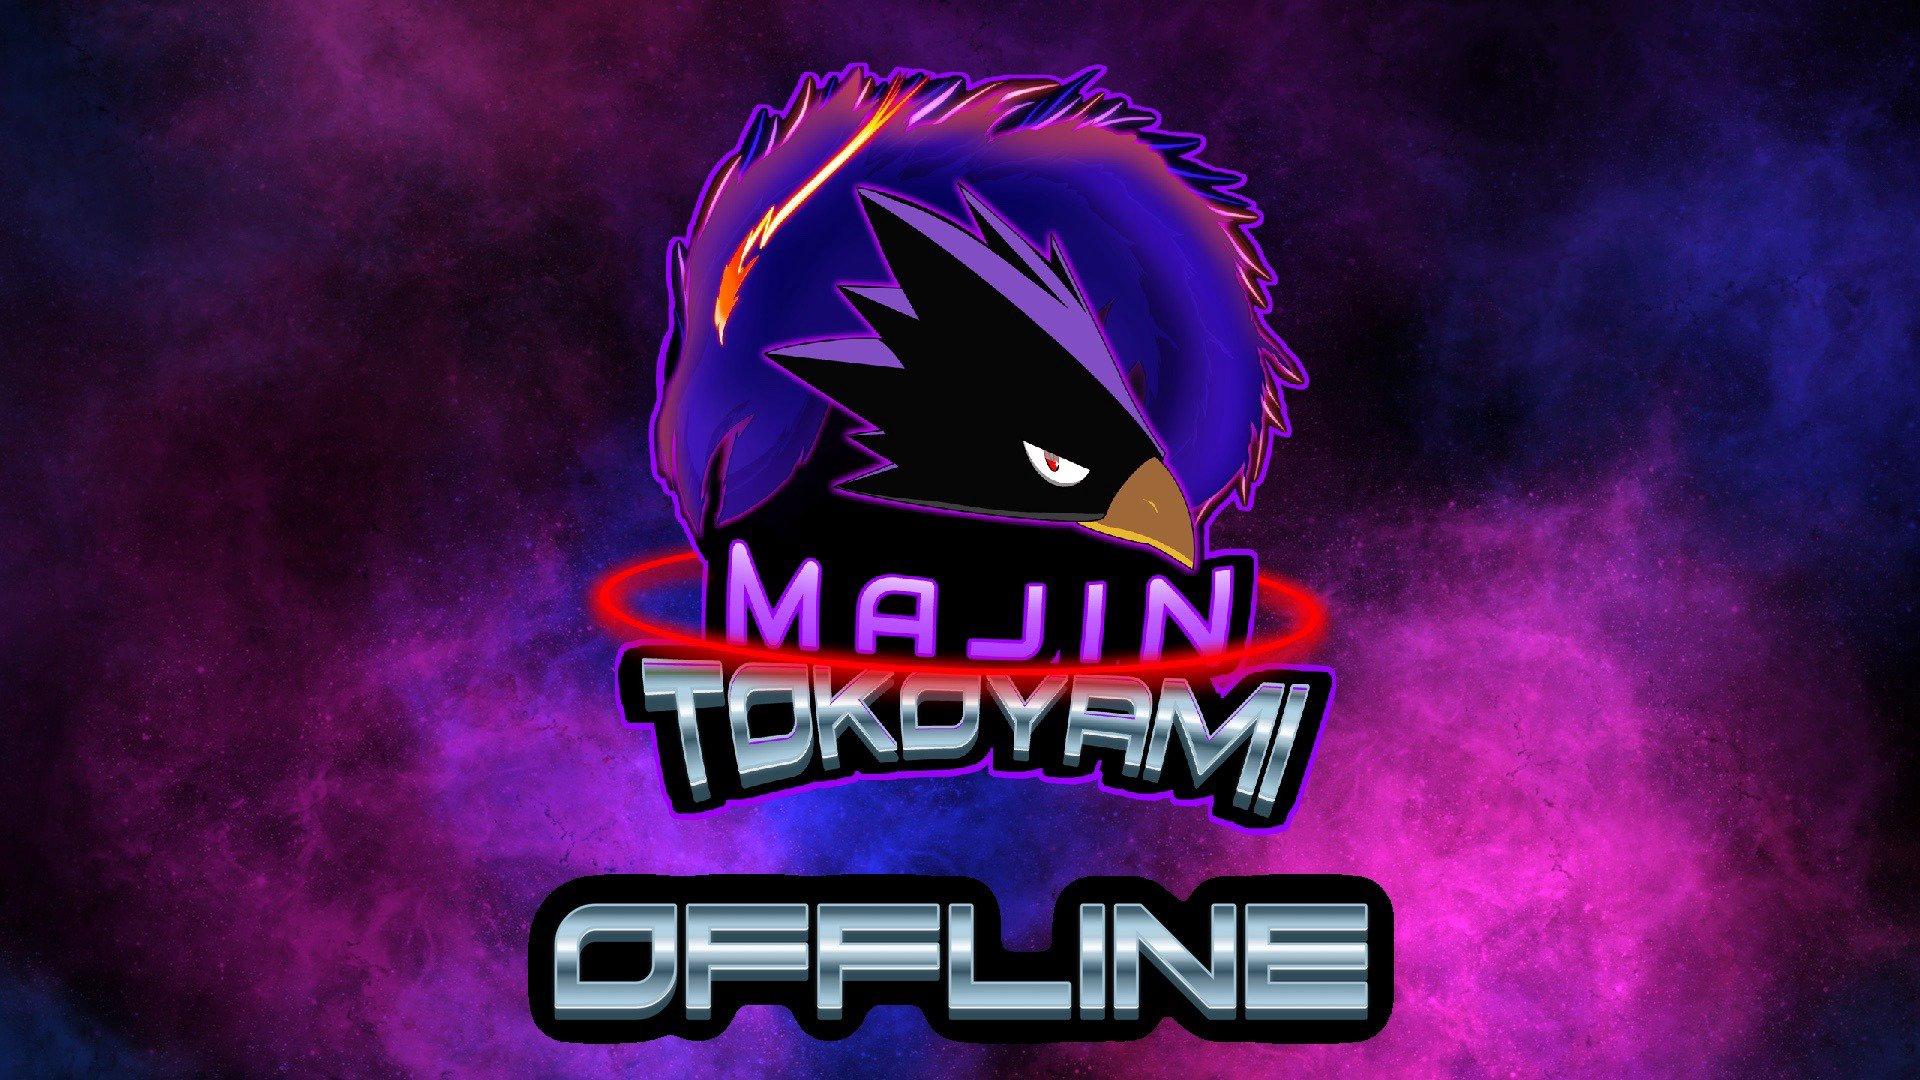 Twitch stream of MajinTokoyami